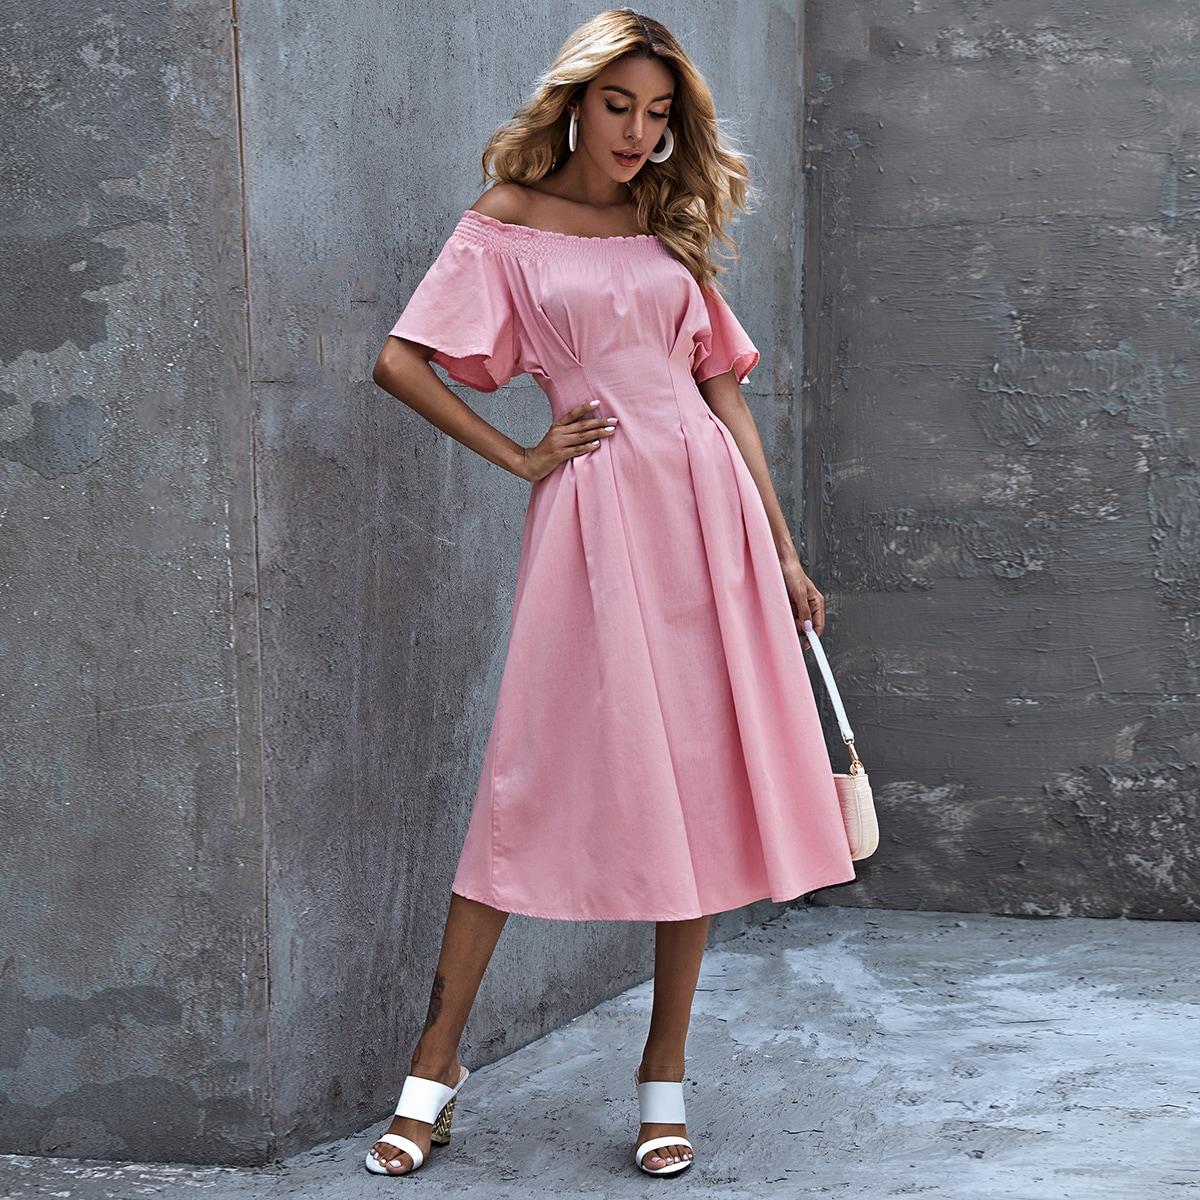 Расклешенное платье с открытыми плечами фото